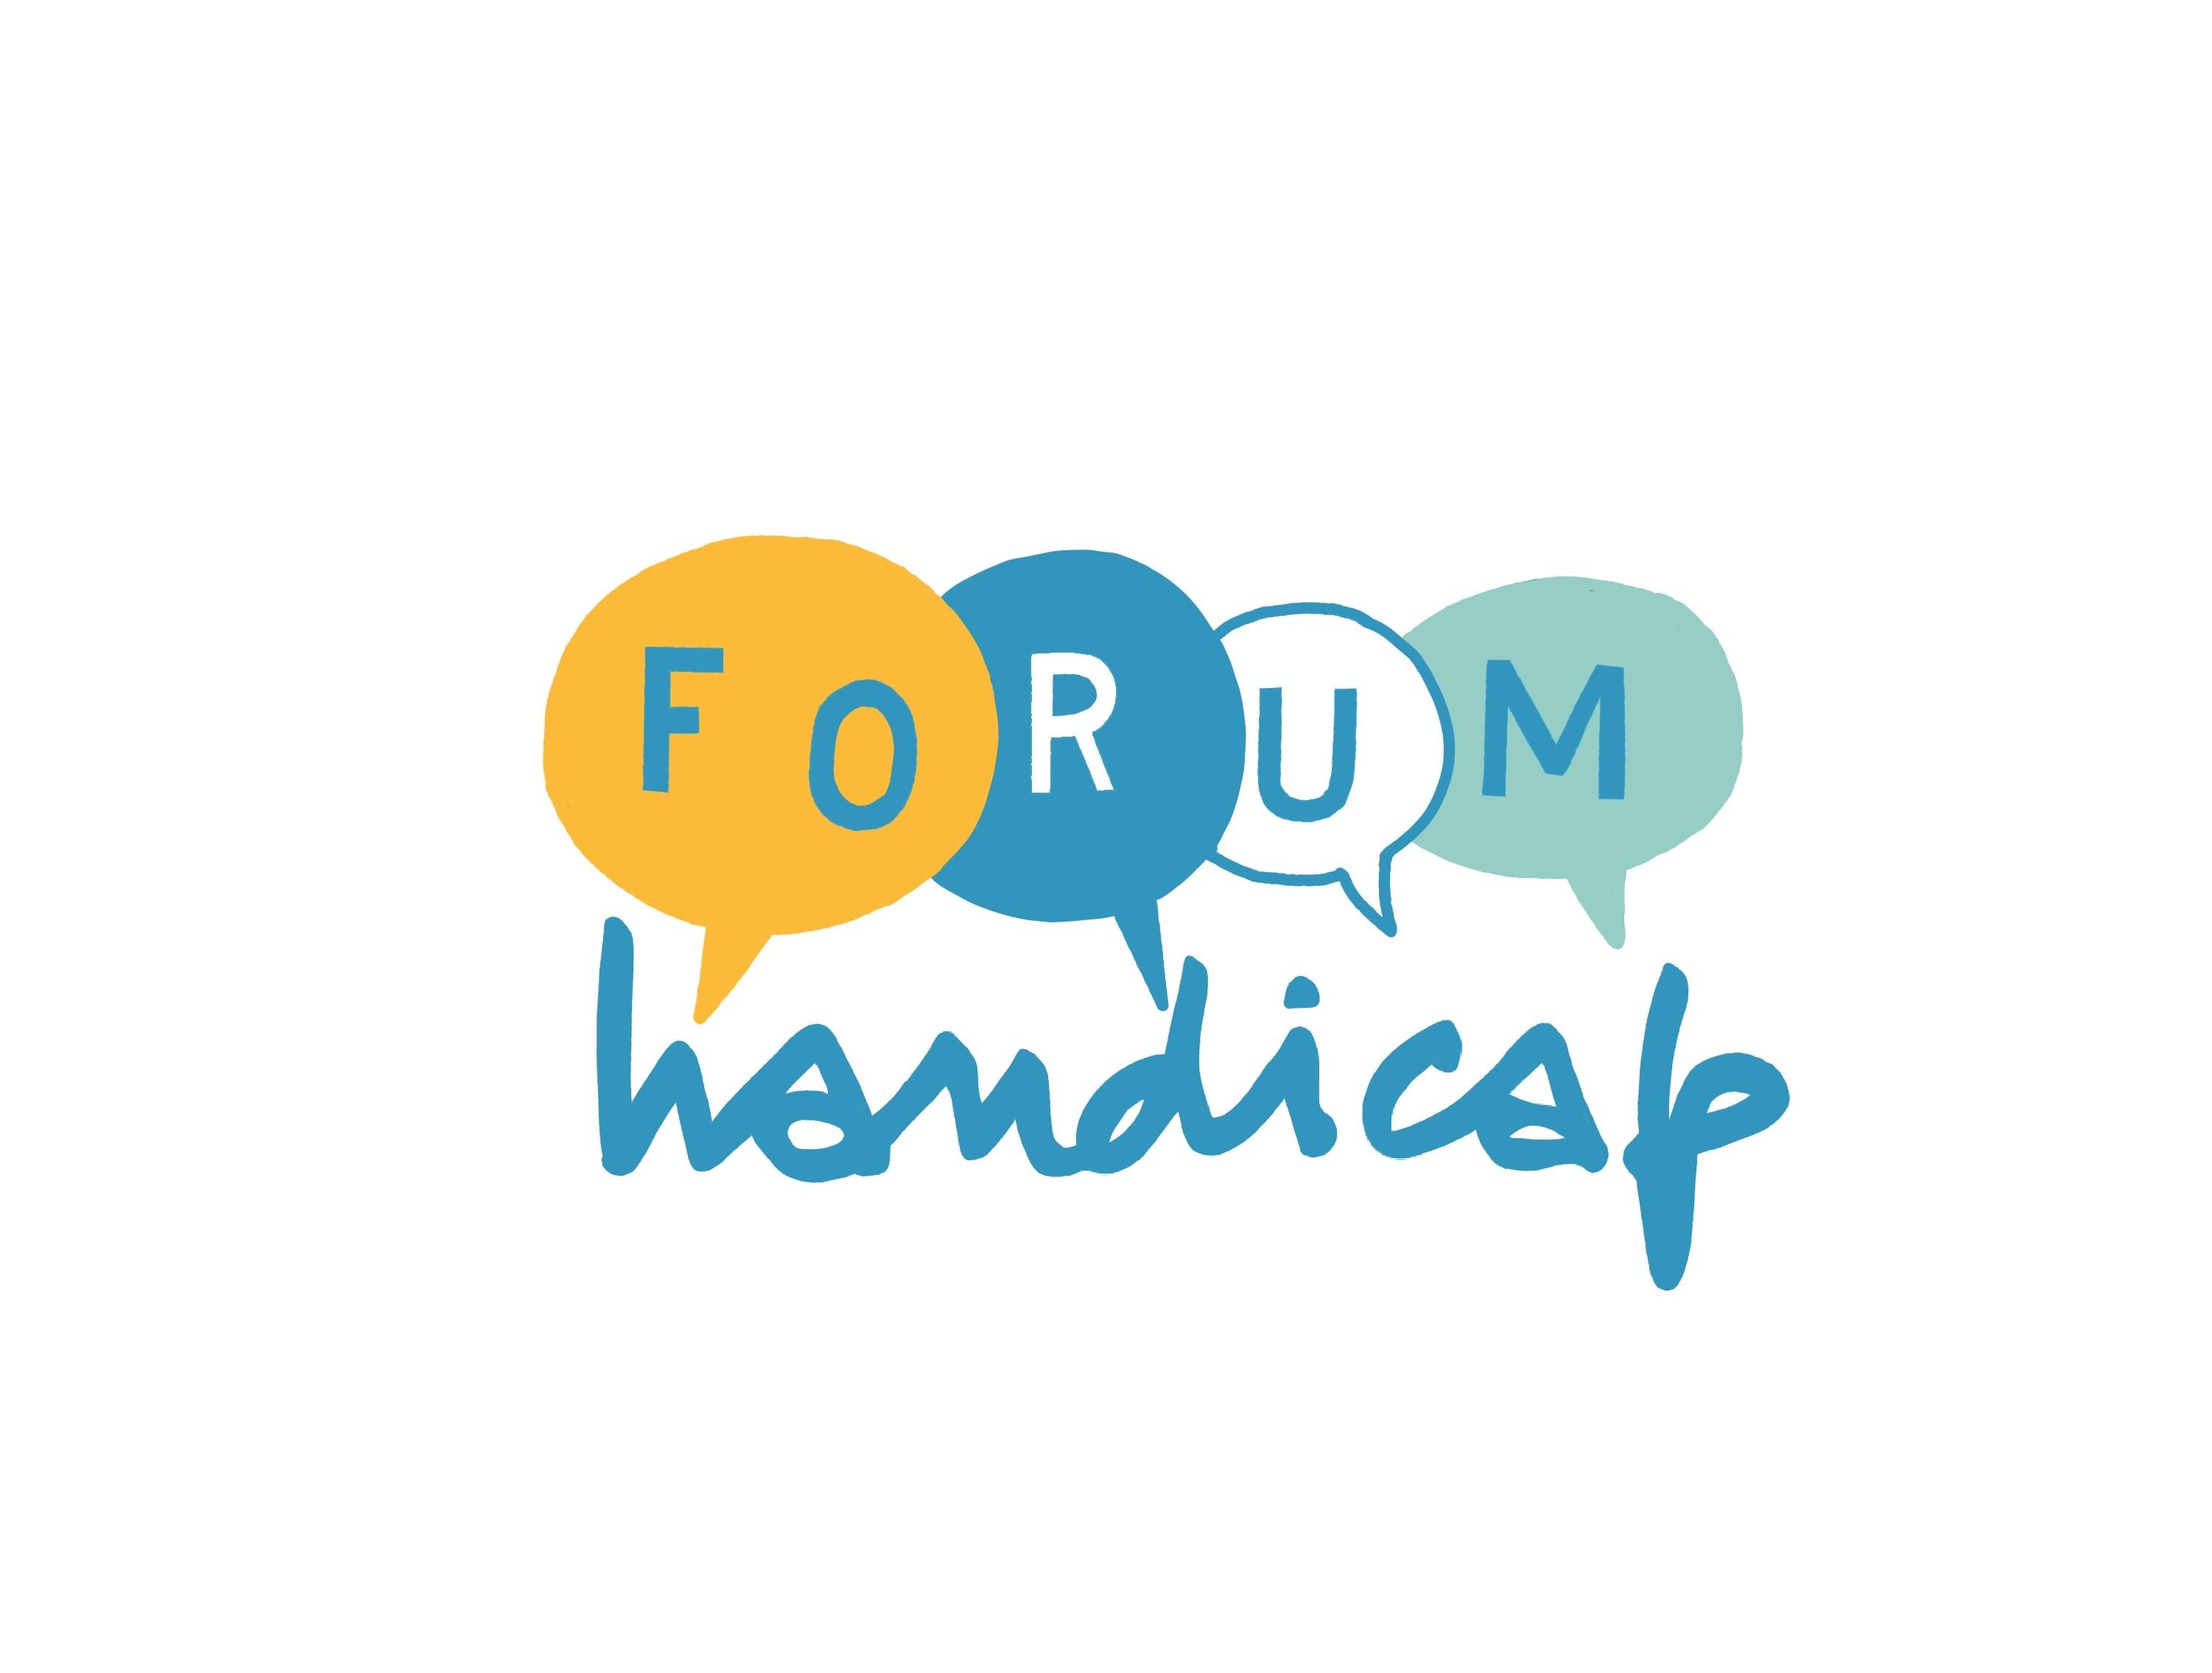 Forum handicap 1